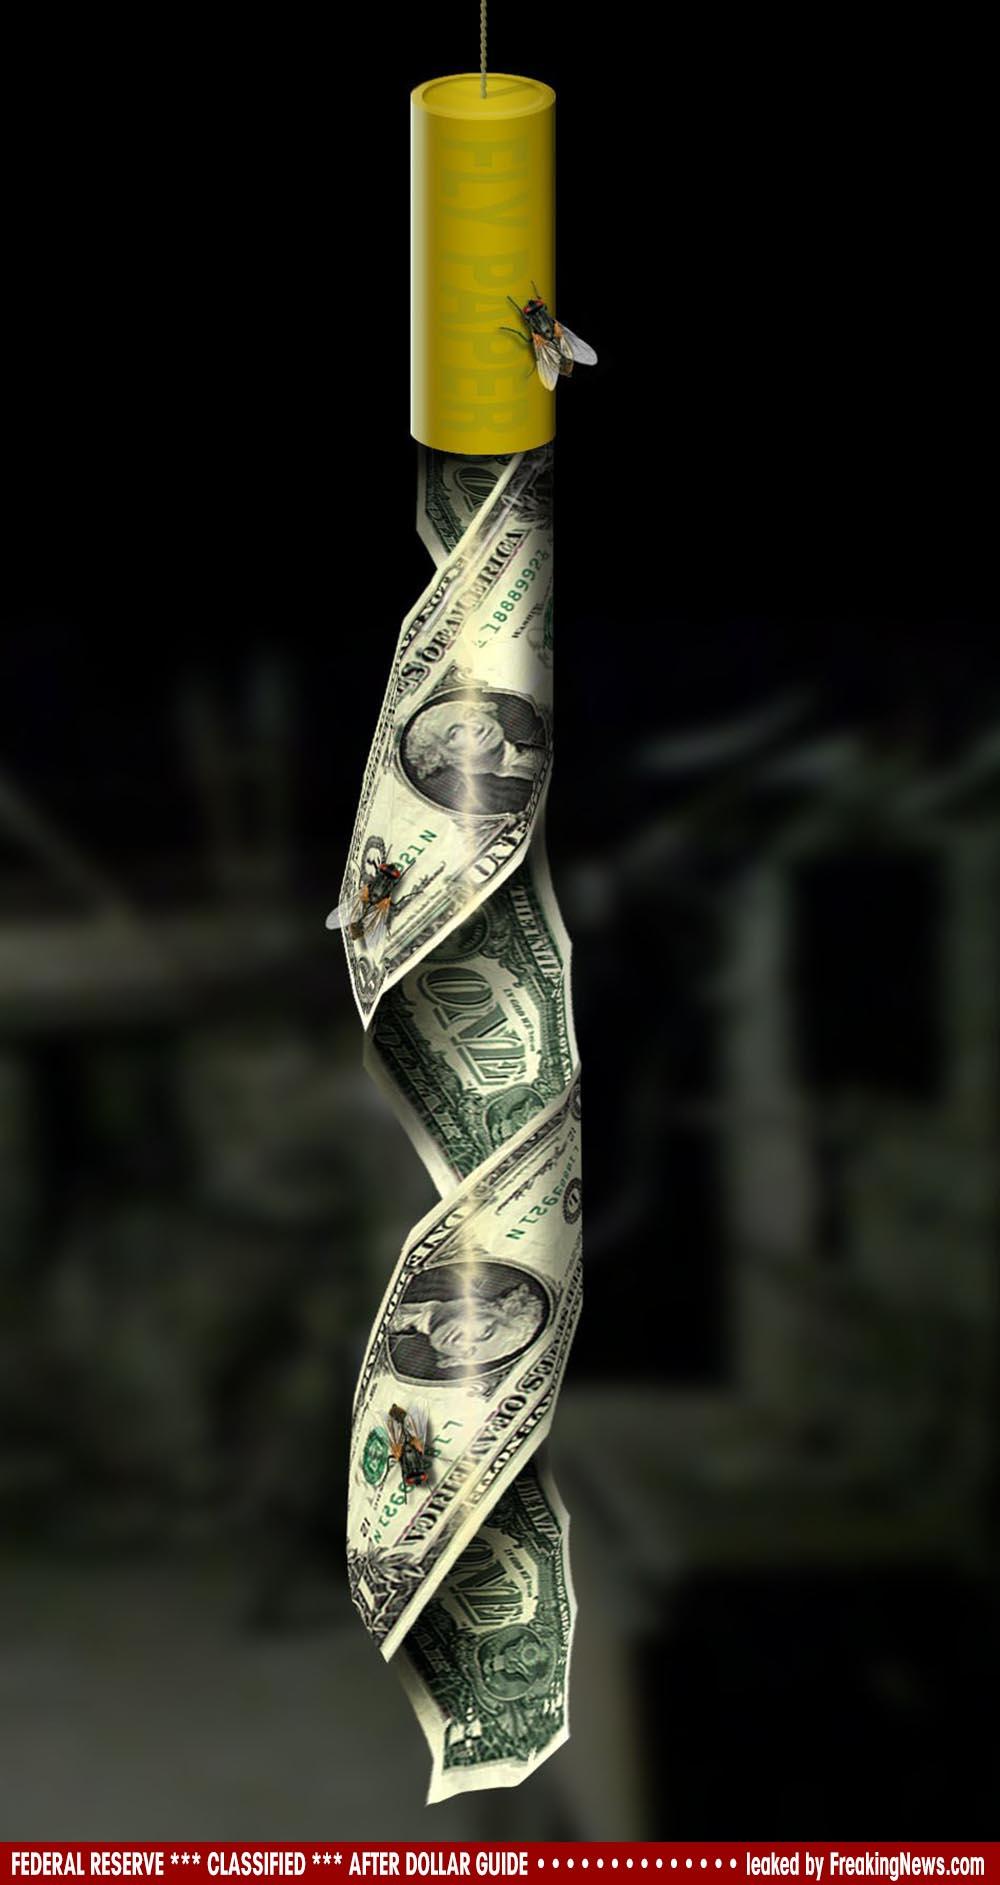 Geheimdokumente der Federal Reserve zur Nach Dollar Ära geleakt Dollar-Fly-Trap-Fliegenfalle-dreck-geld-klebt-stinkt